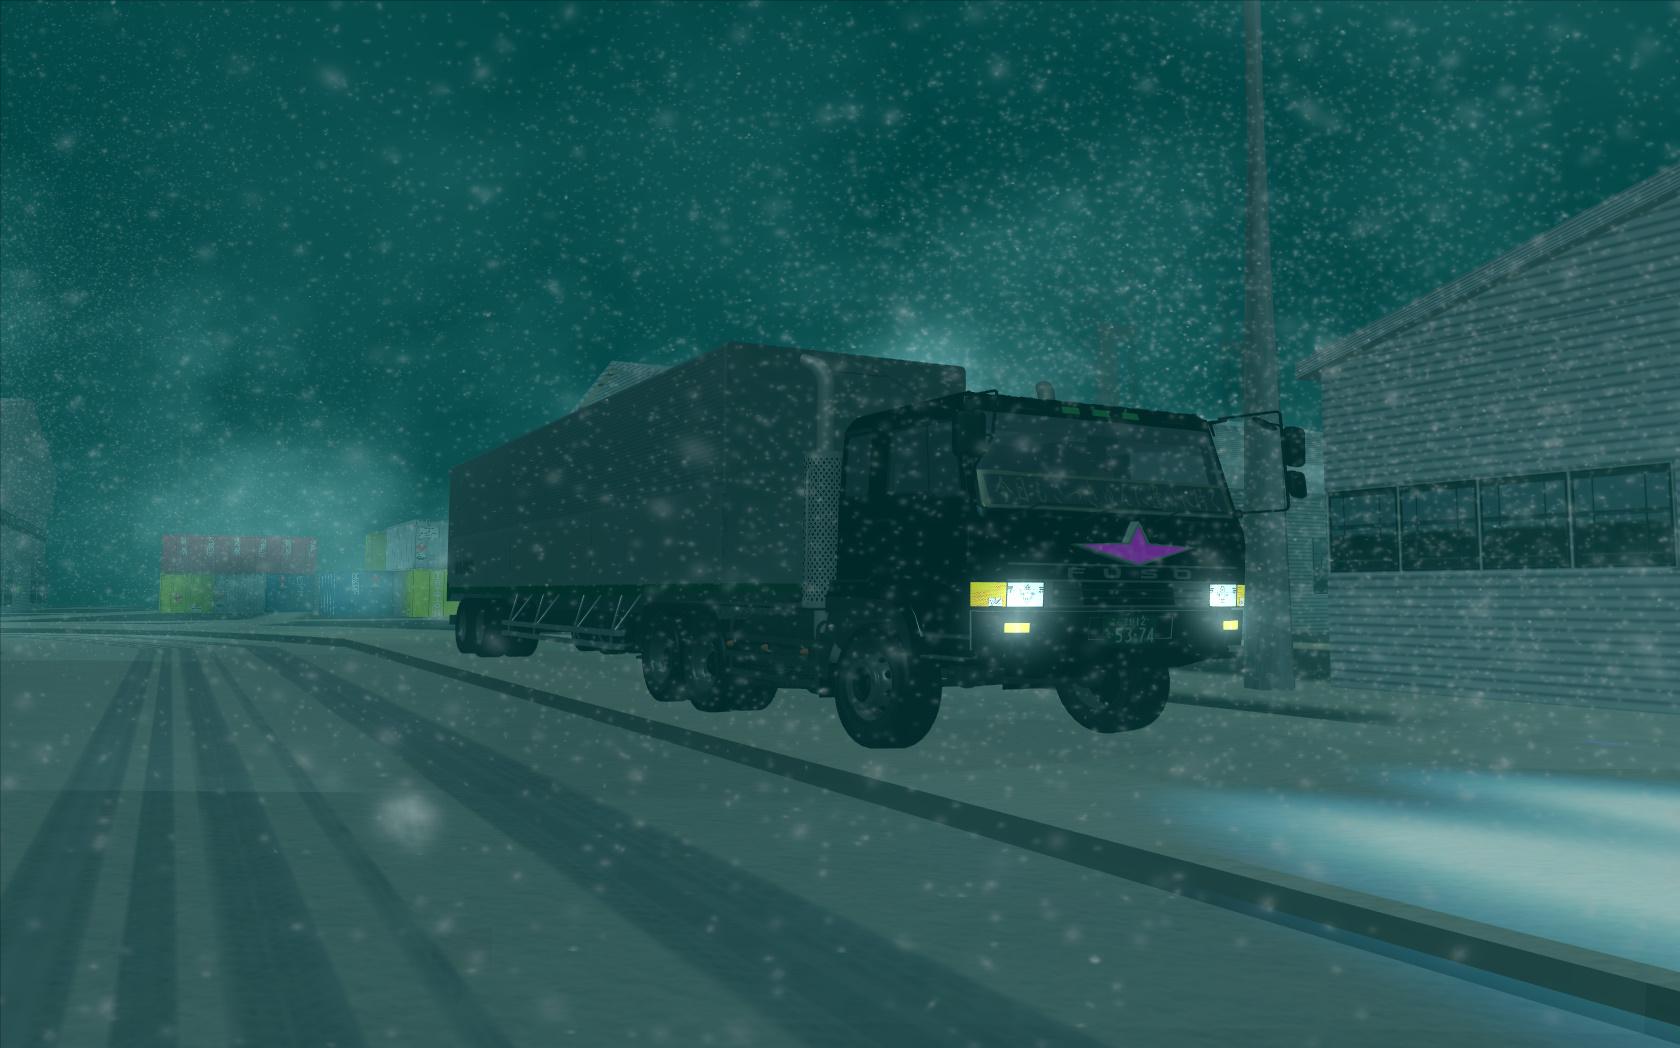 冬の幻想郷船団2